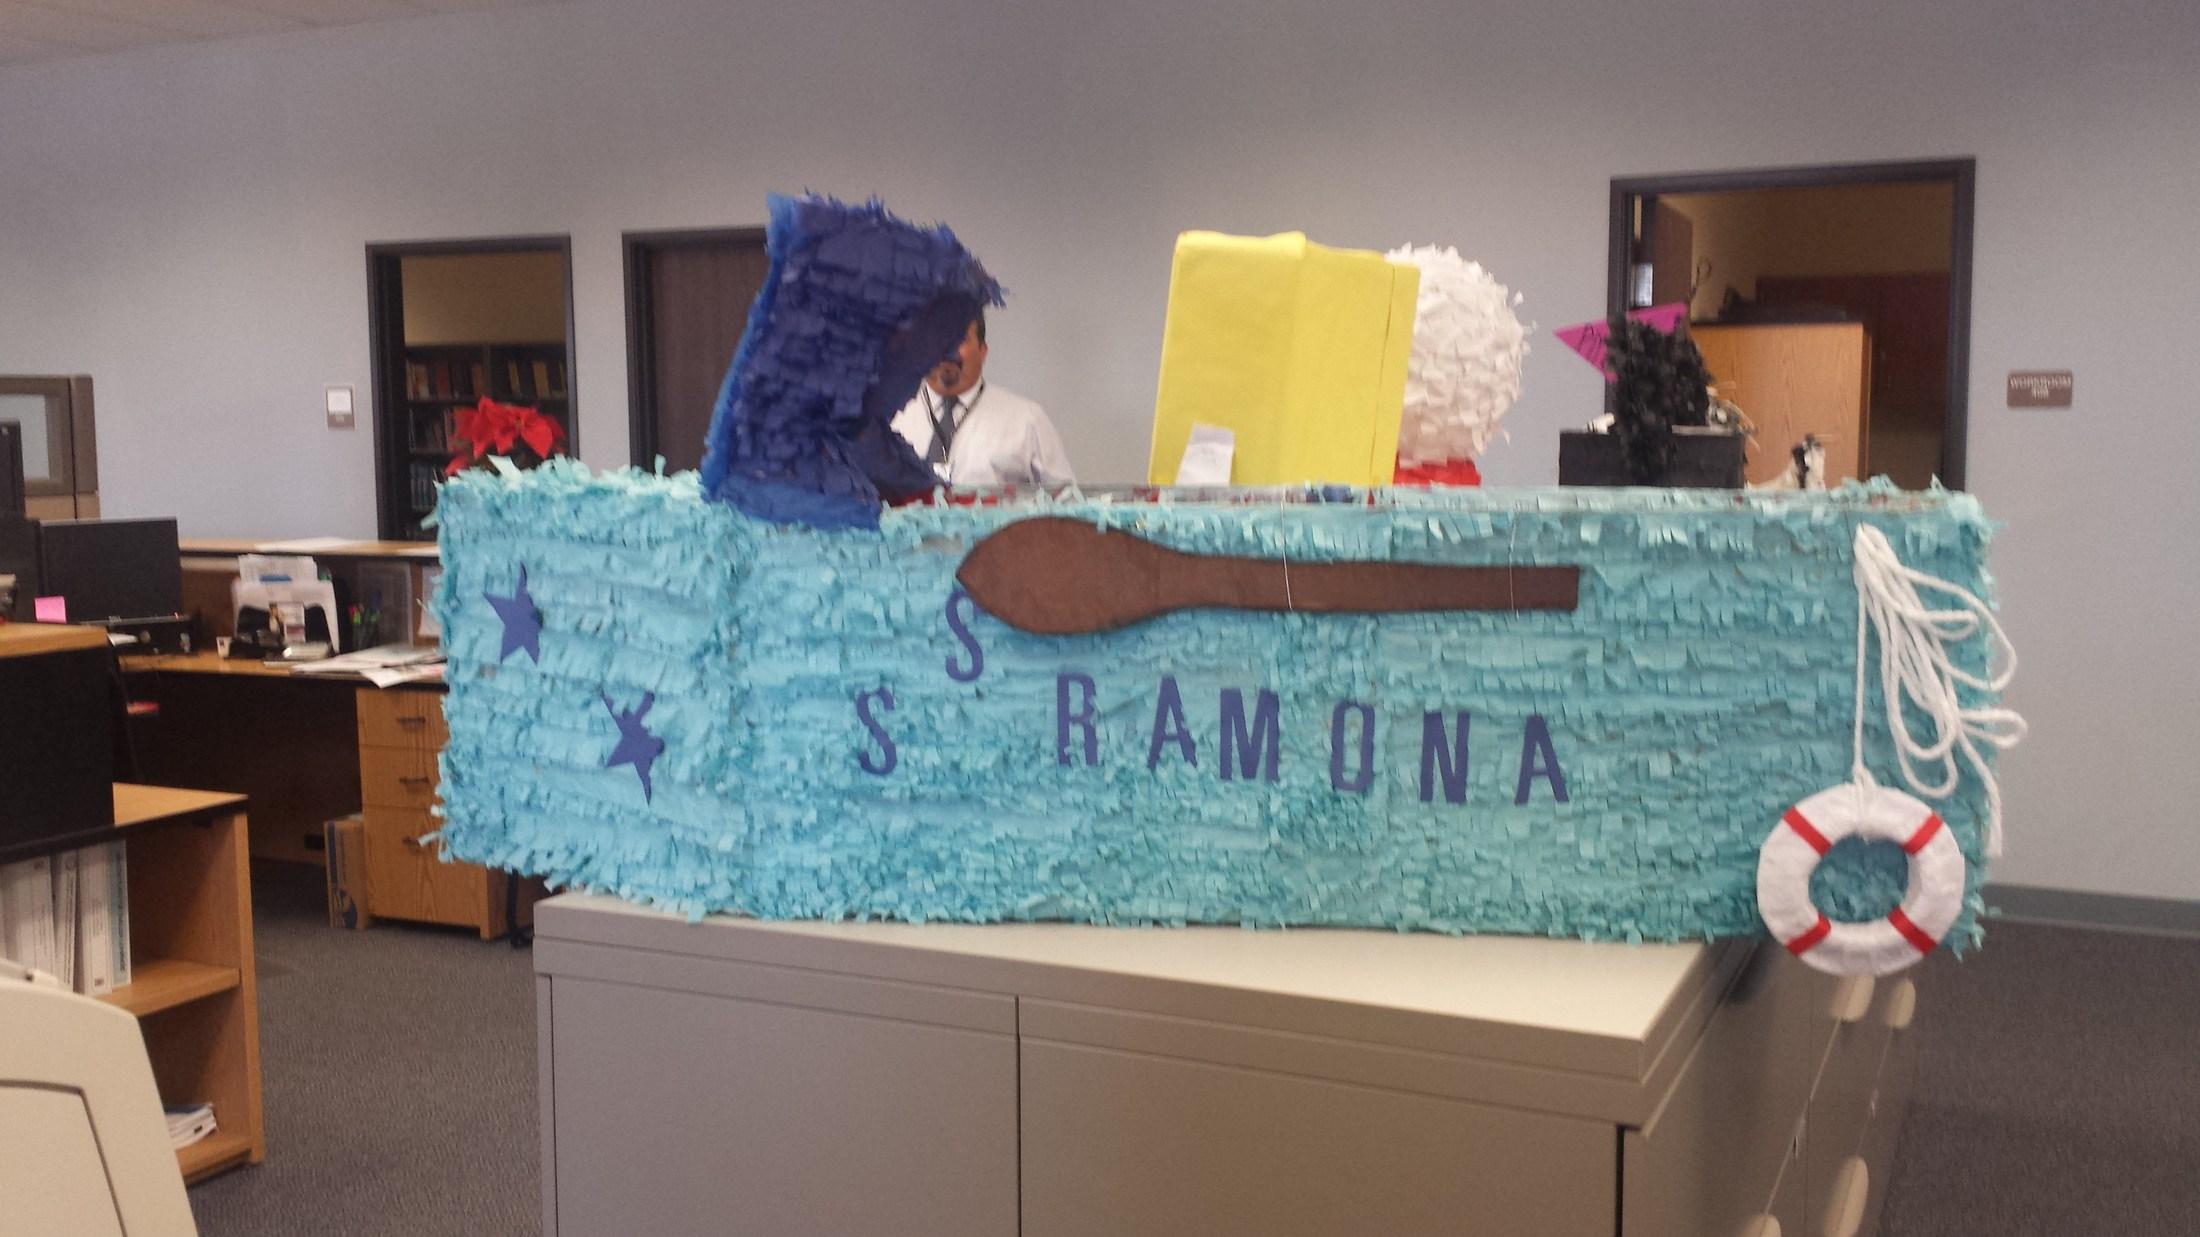 Posada 14-15 Ramona